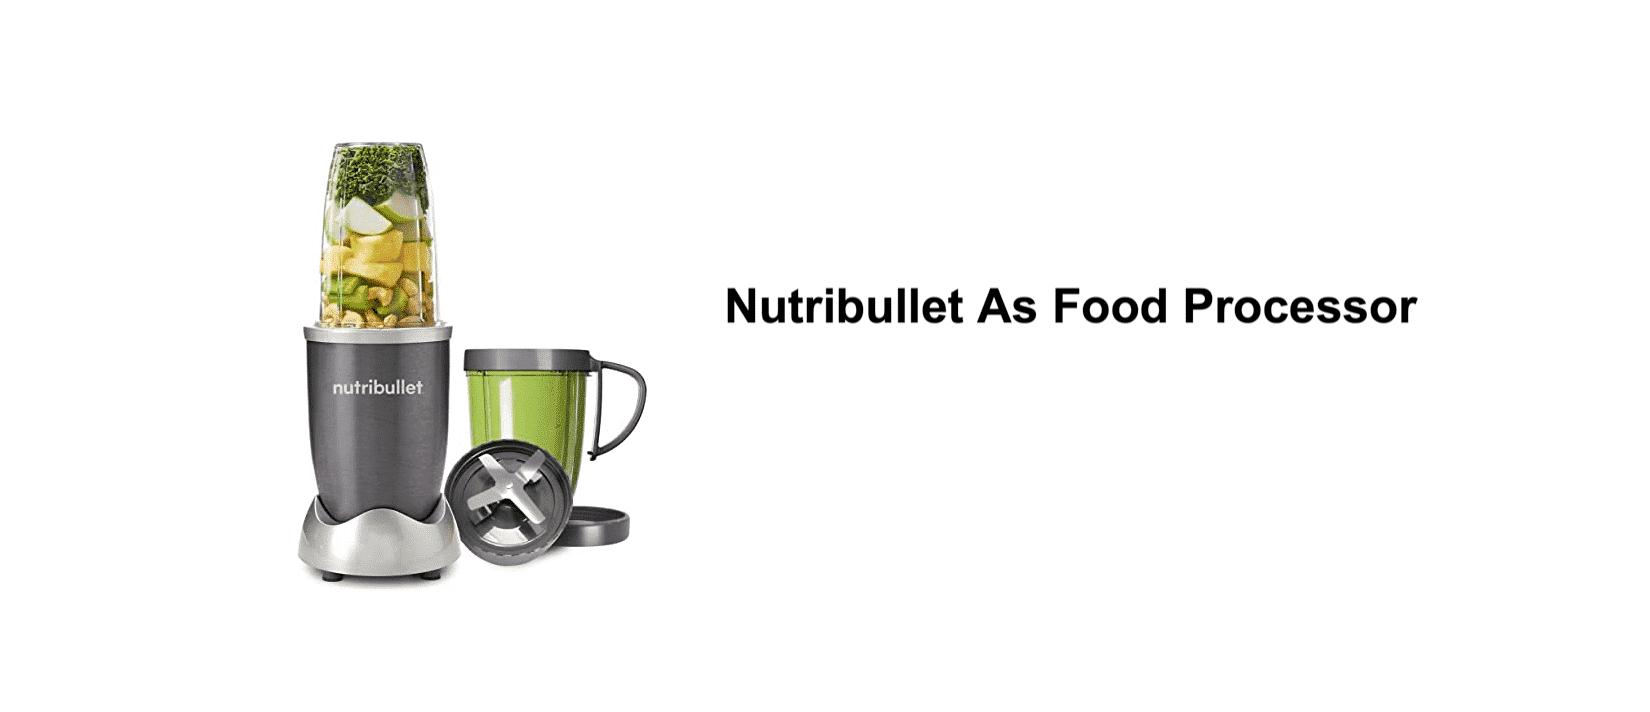 nutribullet as food processor